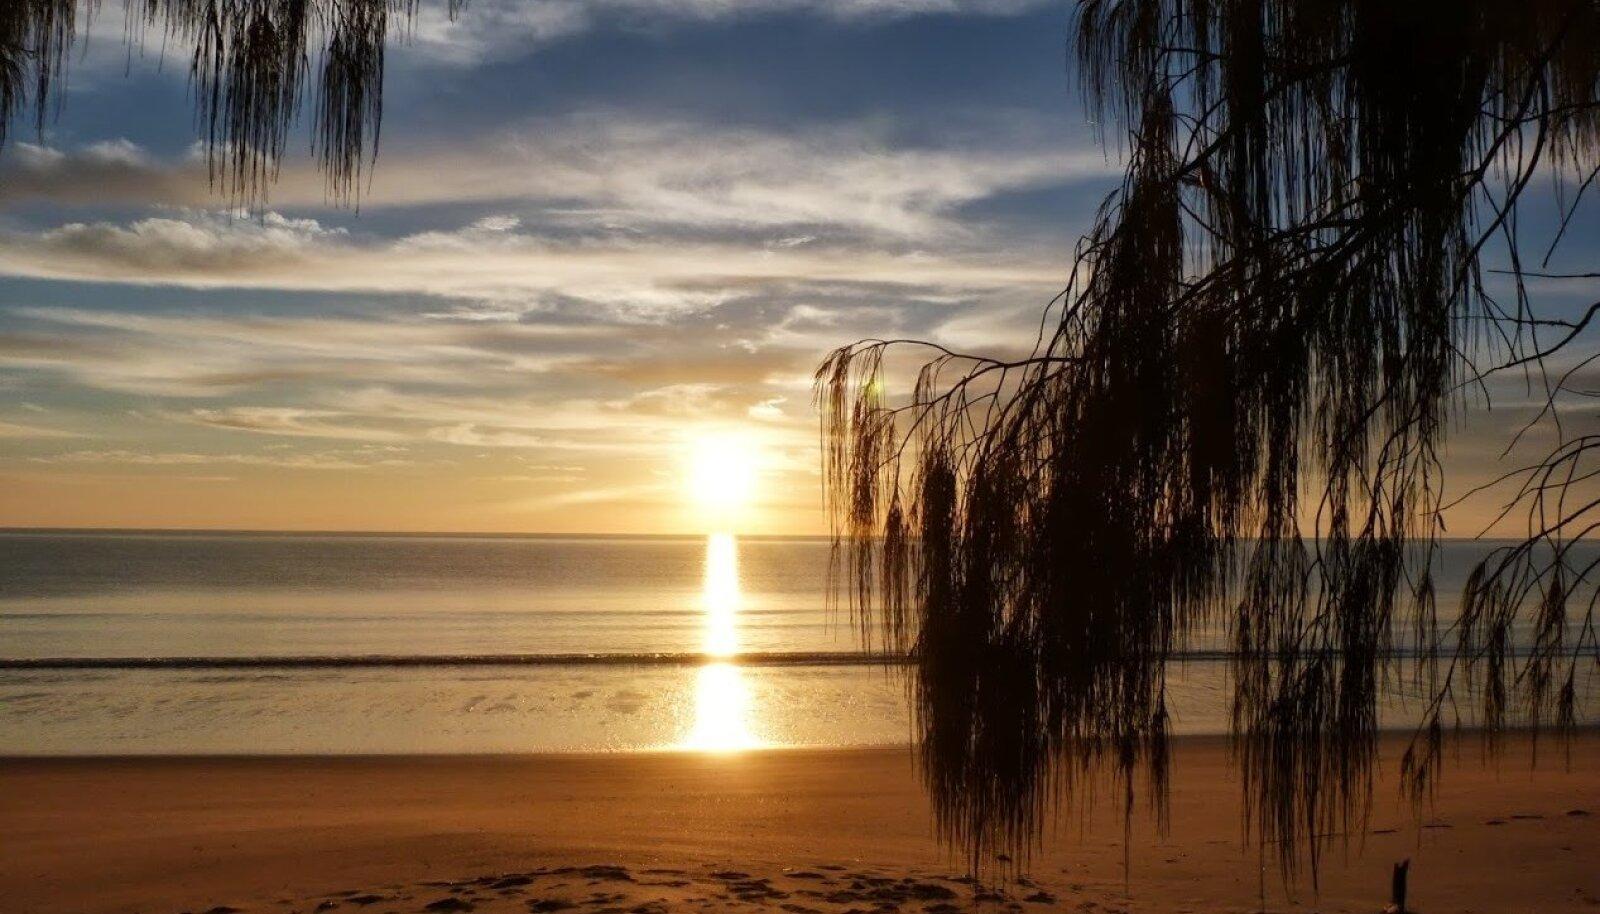 Päikesetõus Woodgate beachil Austraalias